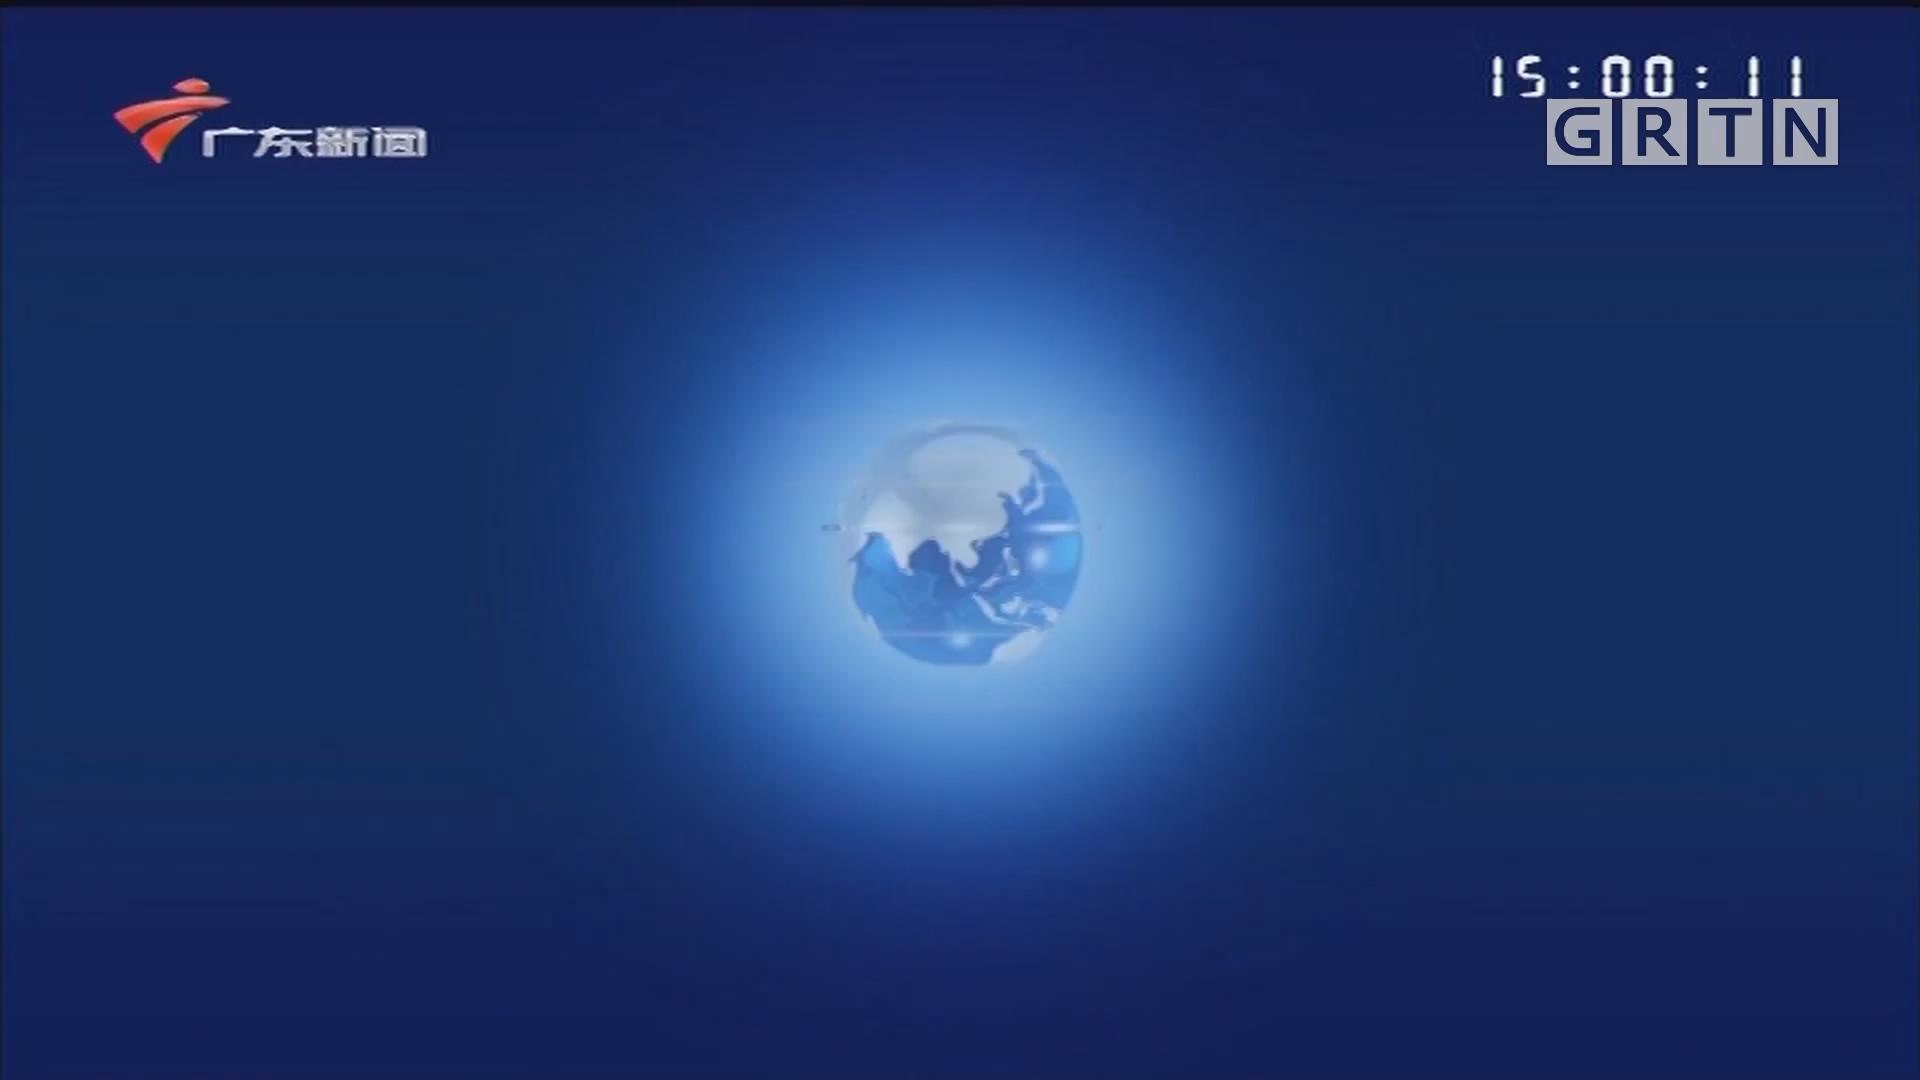 [HD][2019-12-16-15:00]正點播報:穗深城際鐵路:穗深城際鐵路正式開通!廣州到深圳僅需53分鐘